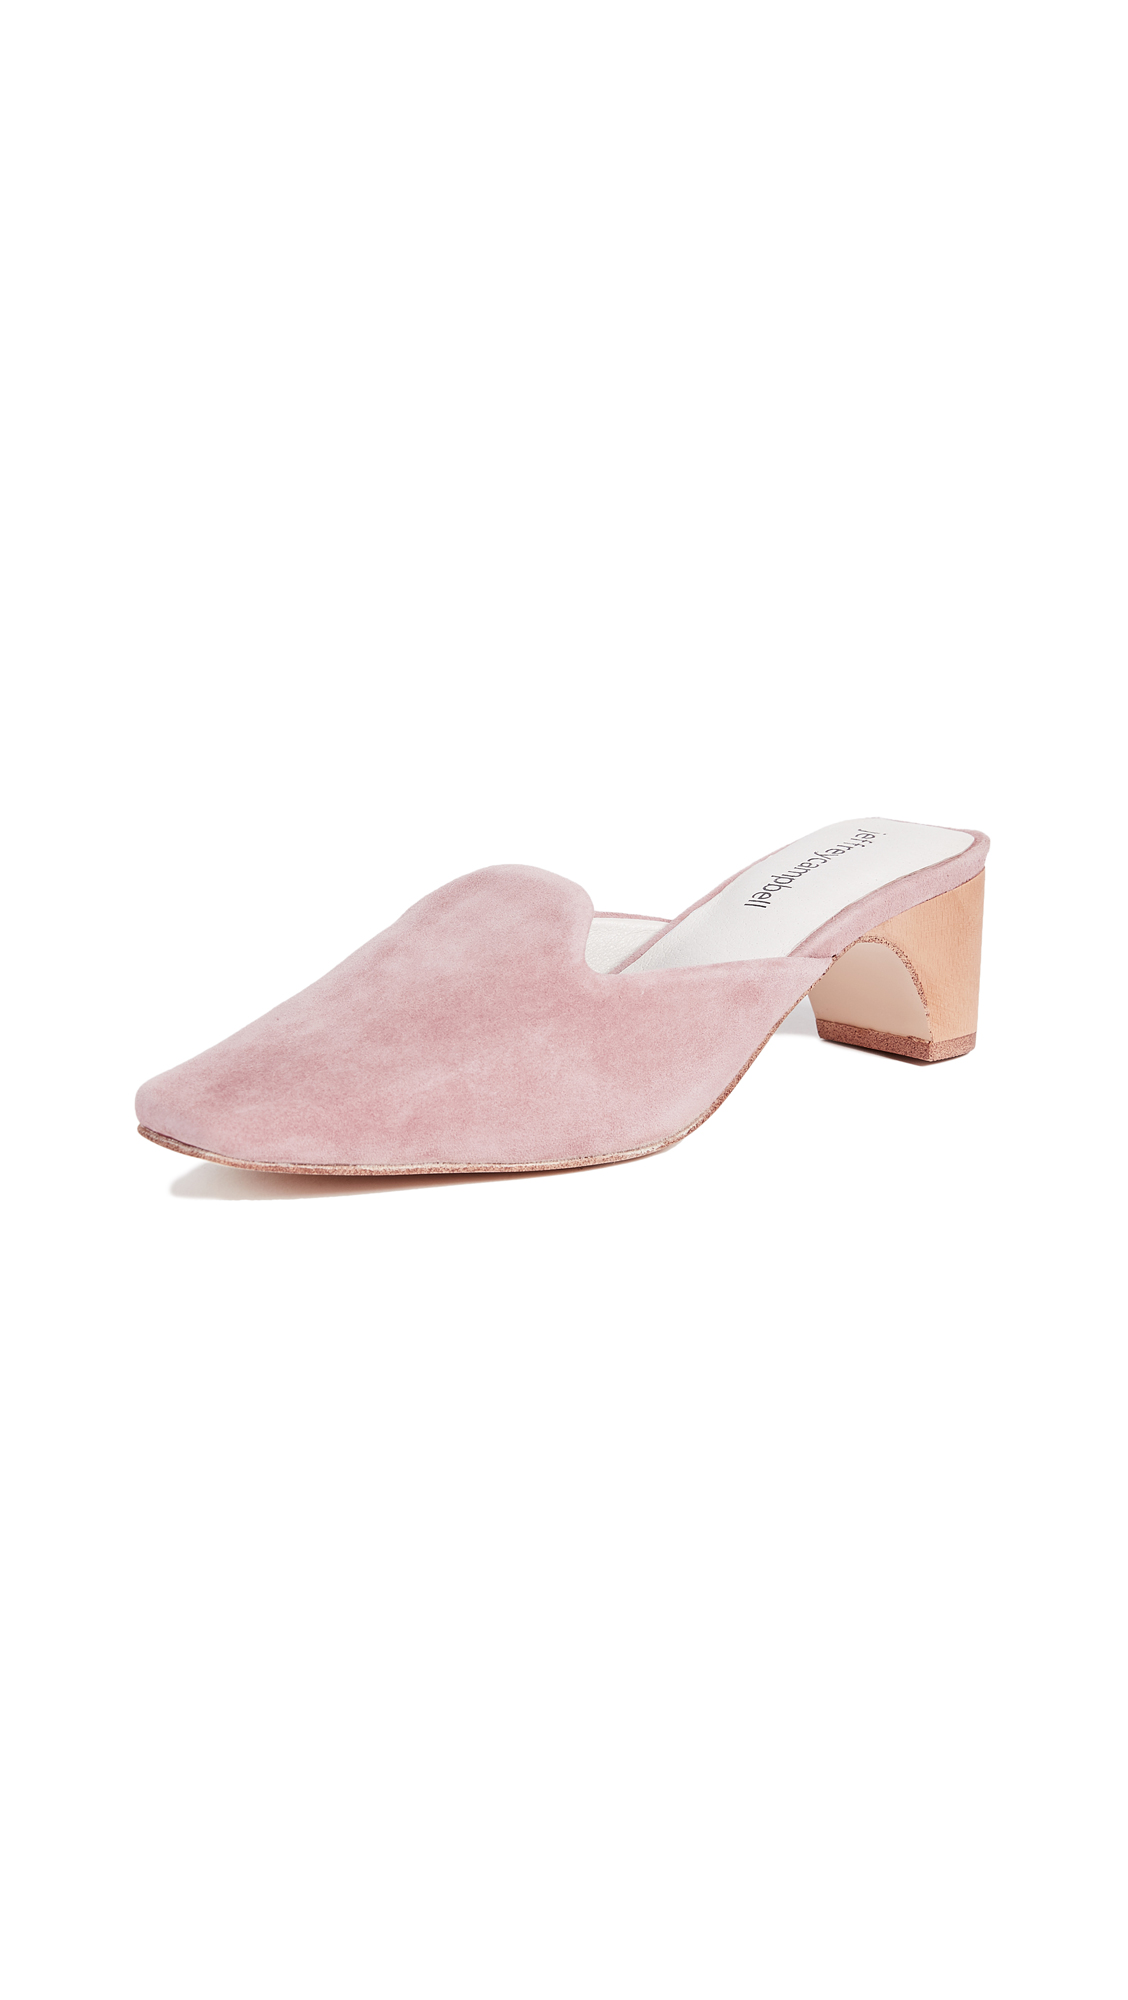 Jeffrey Campbell Jenae Mules - Pink